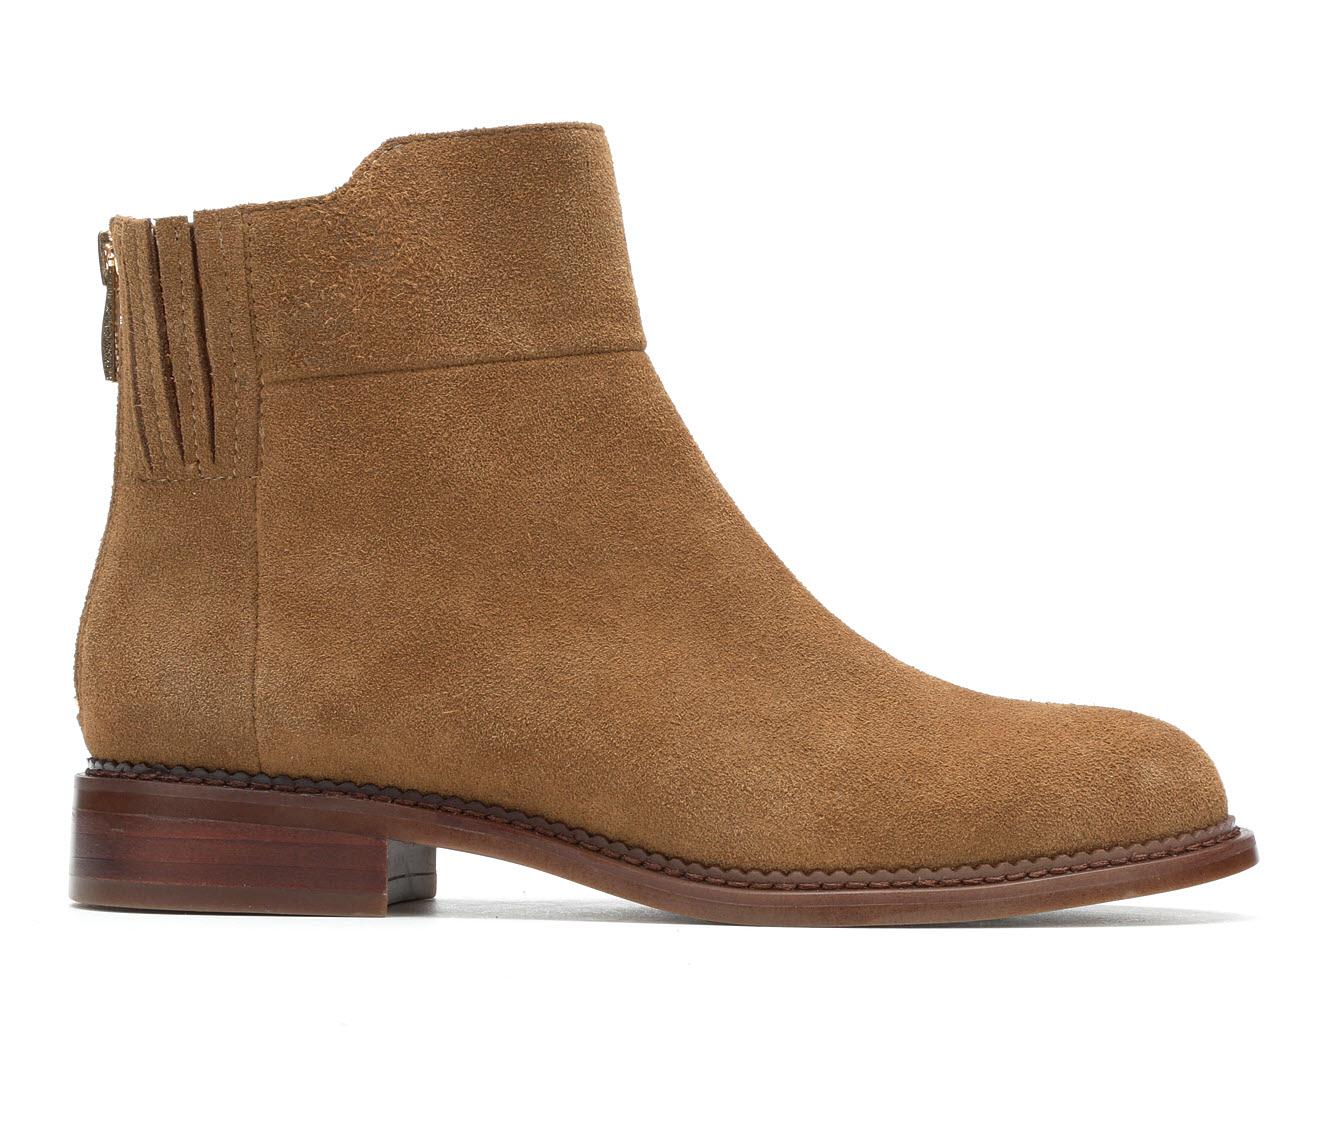 Franco Sarto Hawk Women's Boots (Brown - Suede)